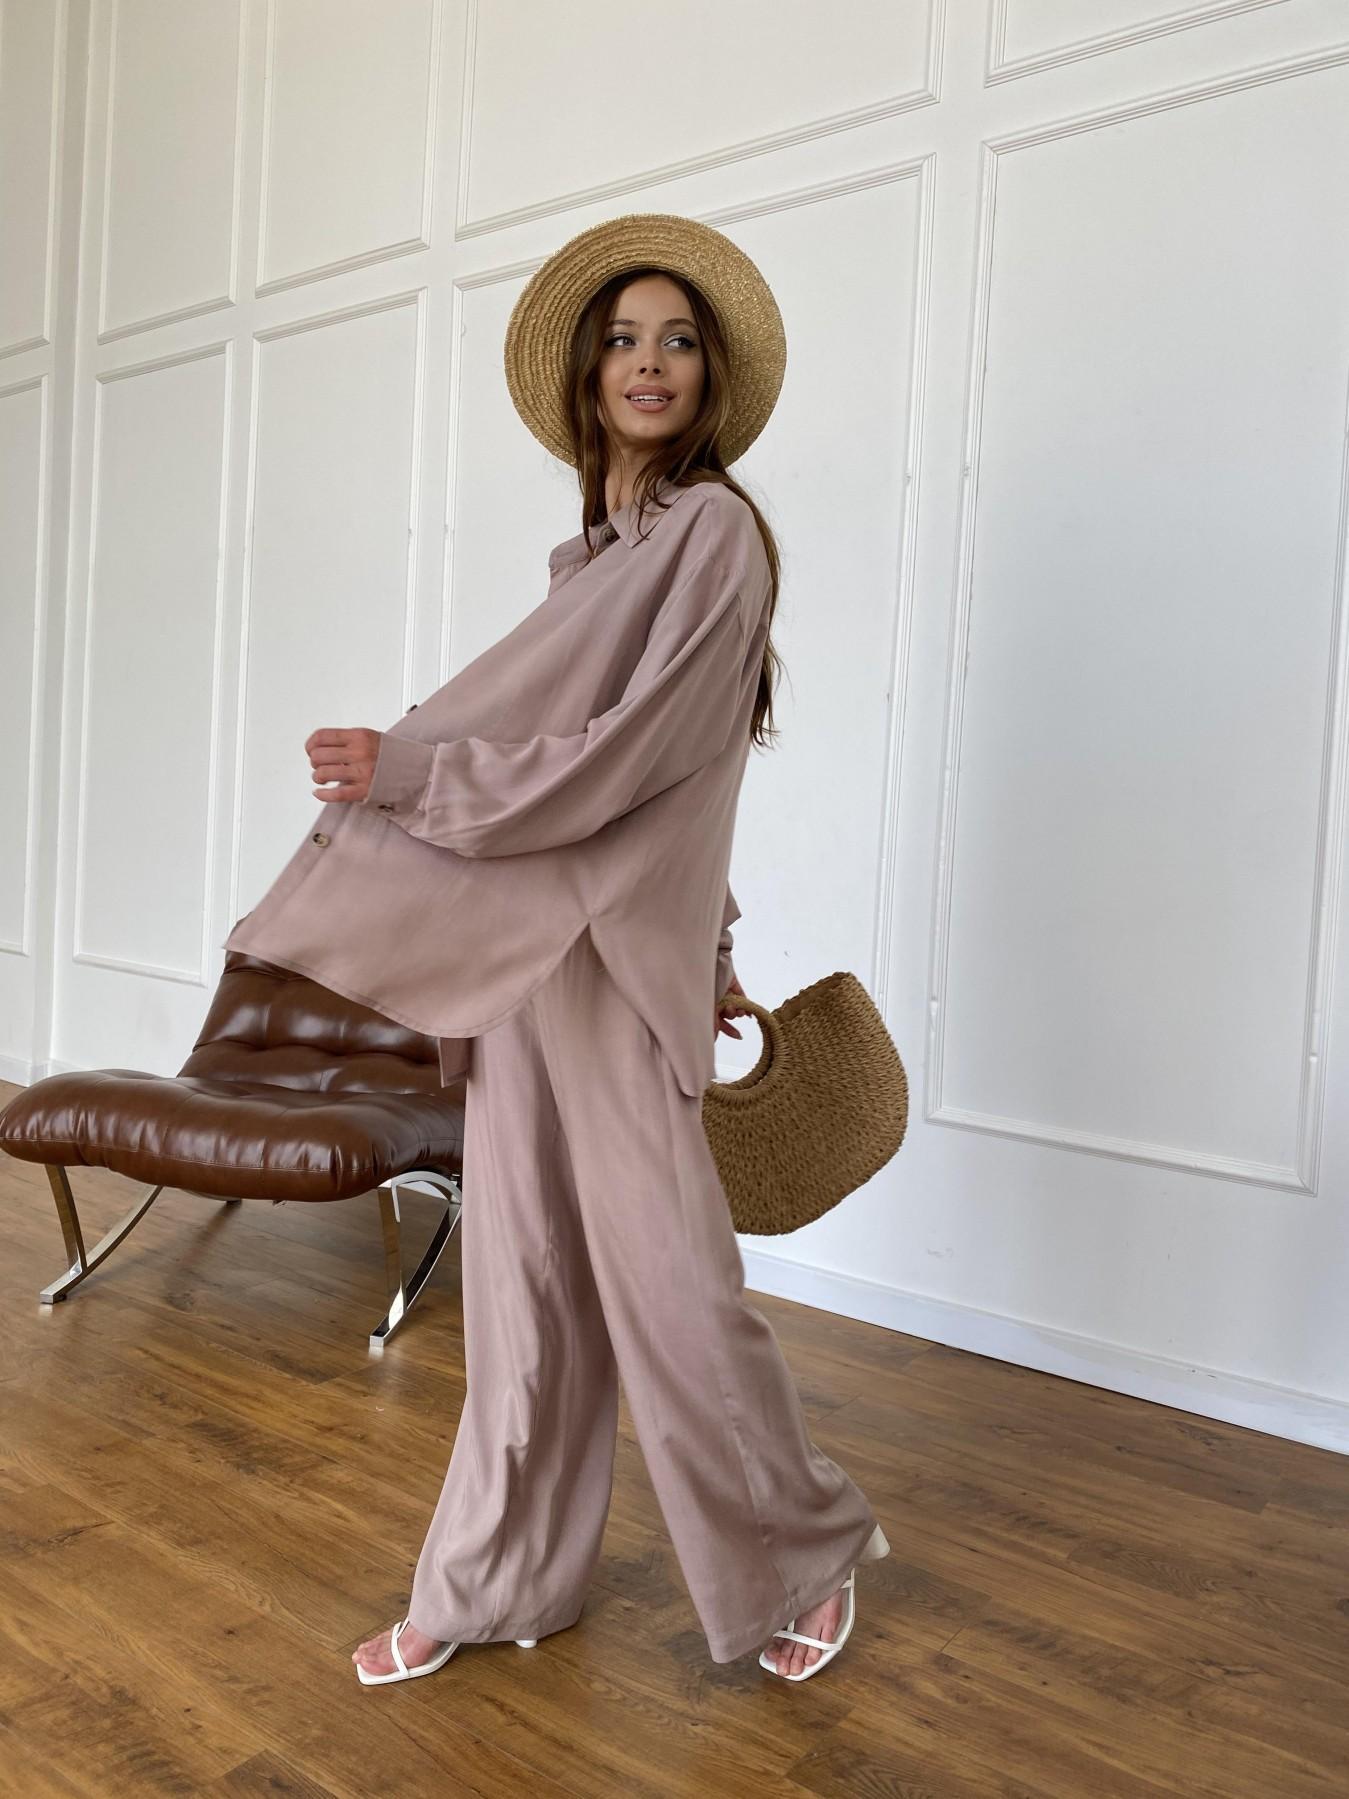 Дуэтто костюм из льна и вискозы не стрейч 11415 АРТ. 47964 Цвет: Кофе - фото 4, интернет магазин tm-modus.ru